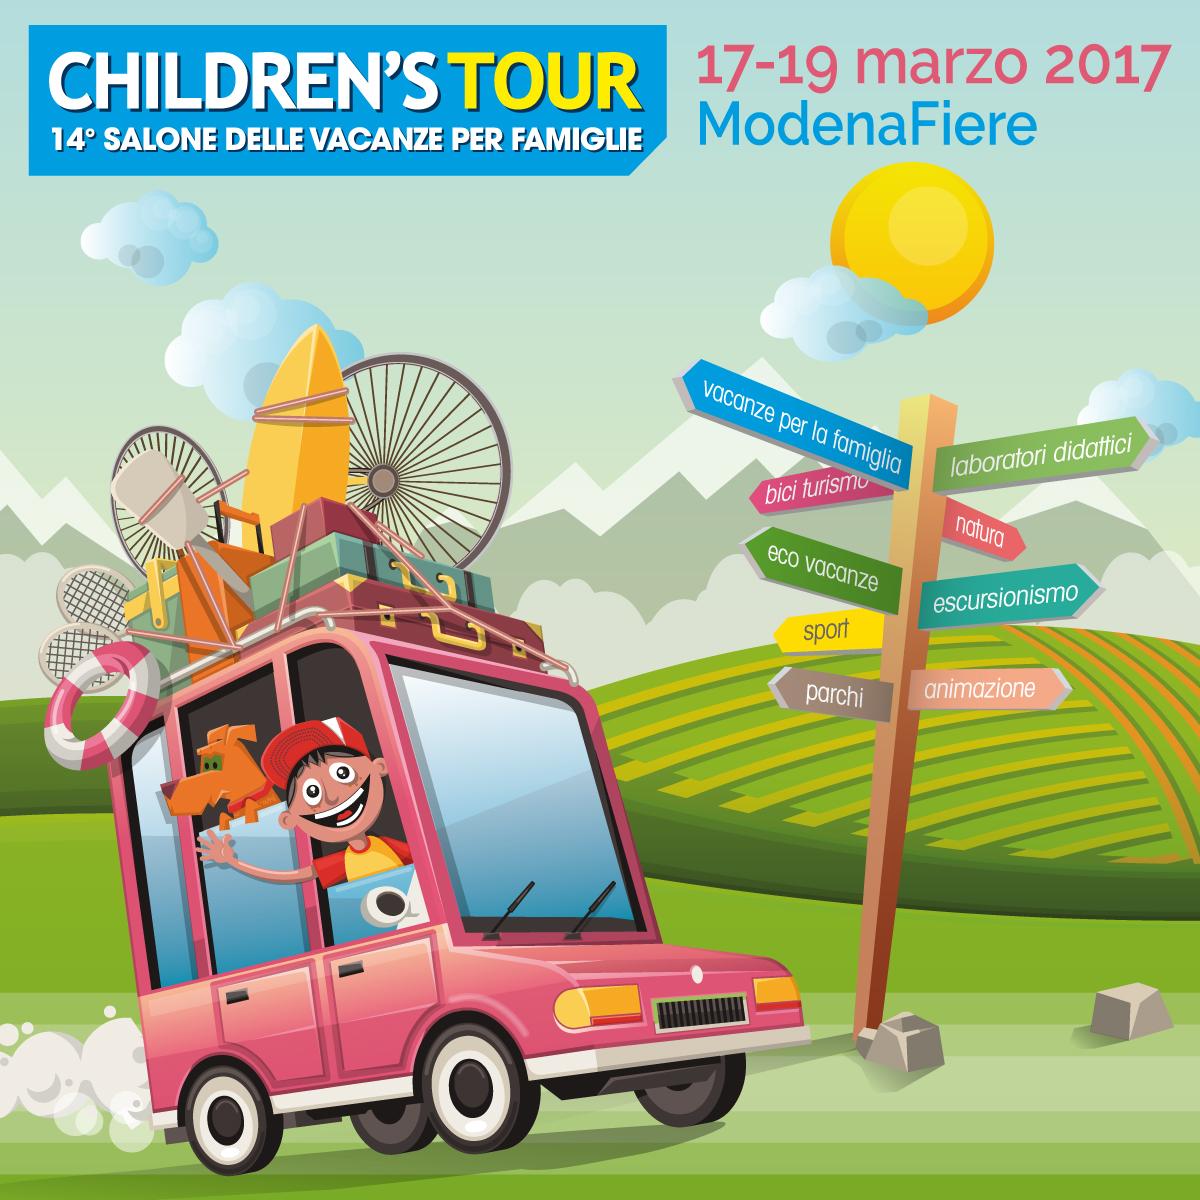 Children's Tour – 14° Salone delle Vacanze per Famiglie